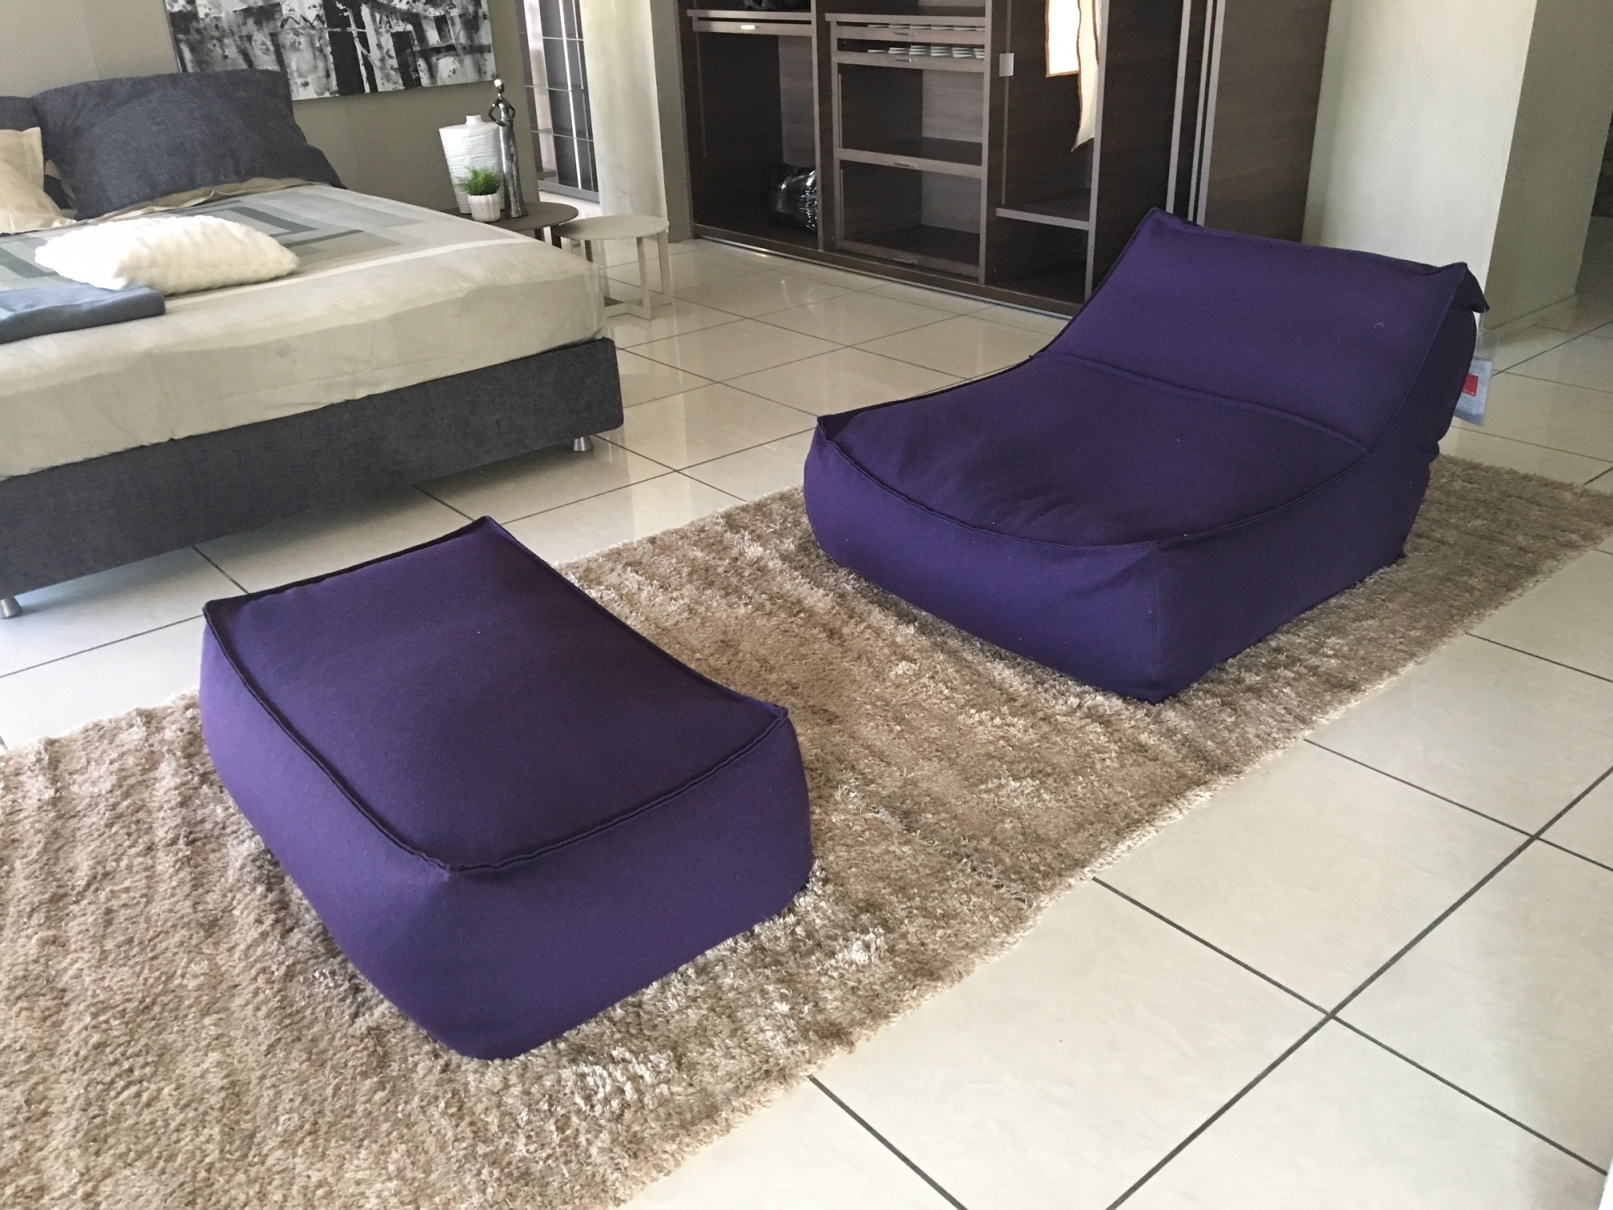 Poltrona verzelloni modello zoe scontata del 40 divani for Poltrona zoe verzelloni prezzo